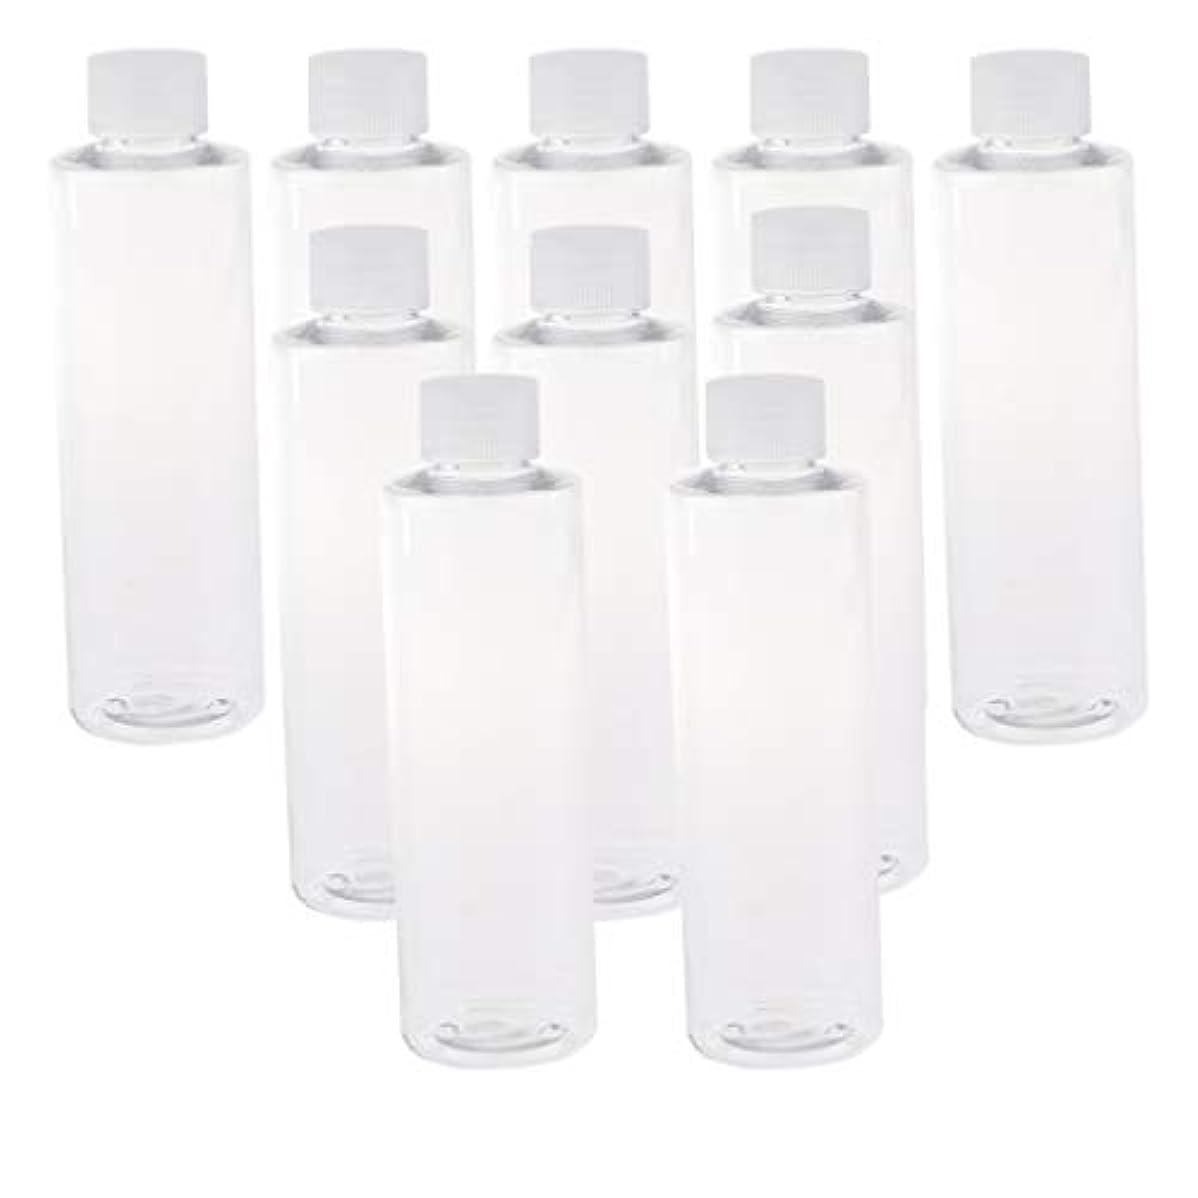 研究寛容習熟度200ml透明プラスチックジュースPET容器ボトル、カラースクリューエビデントキャップ付き(多様なカラーキャップ、10個) - クリアキャップ